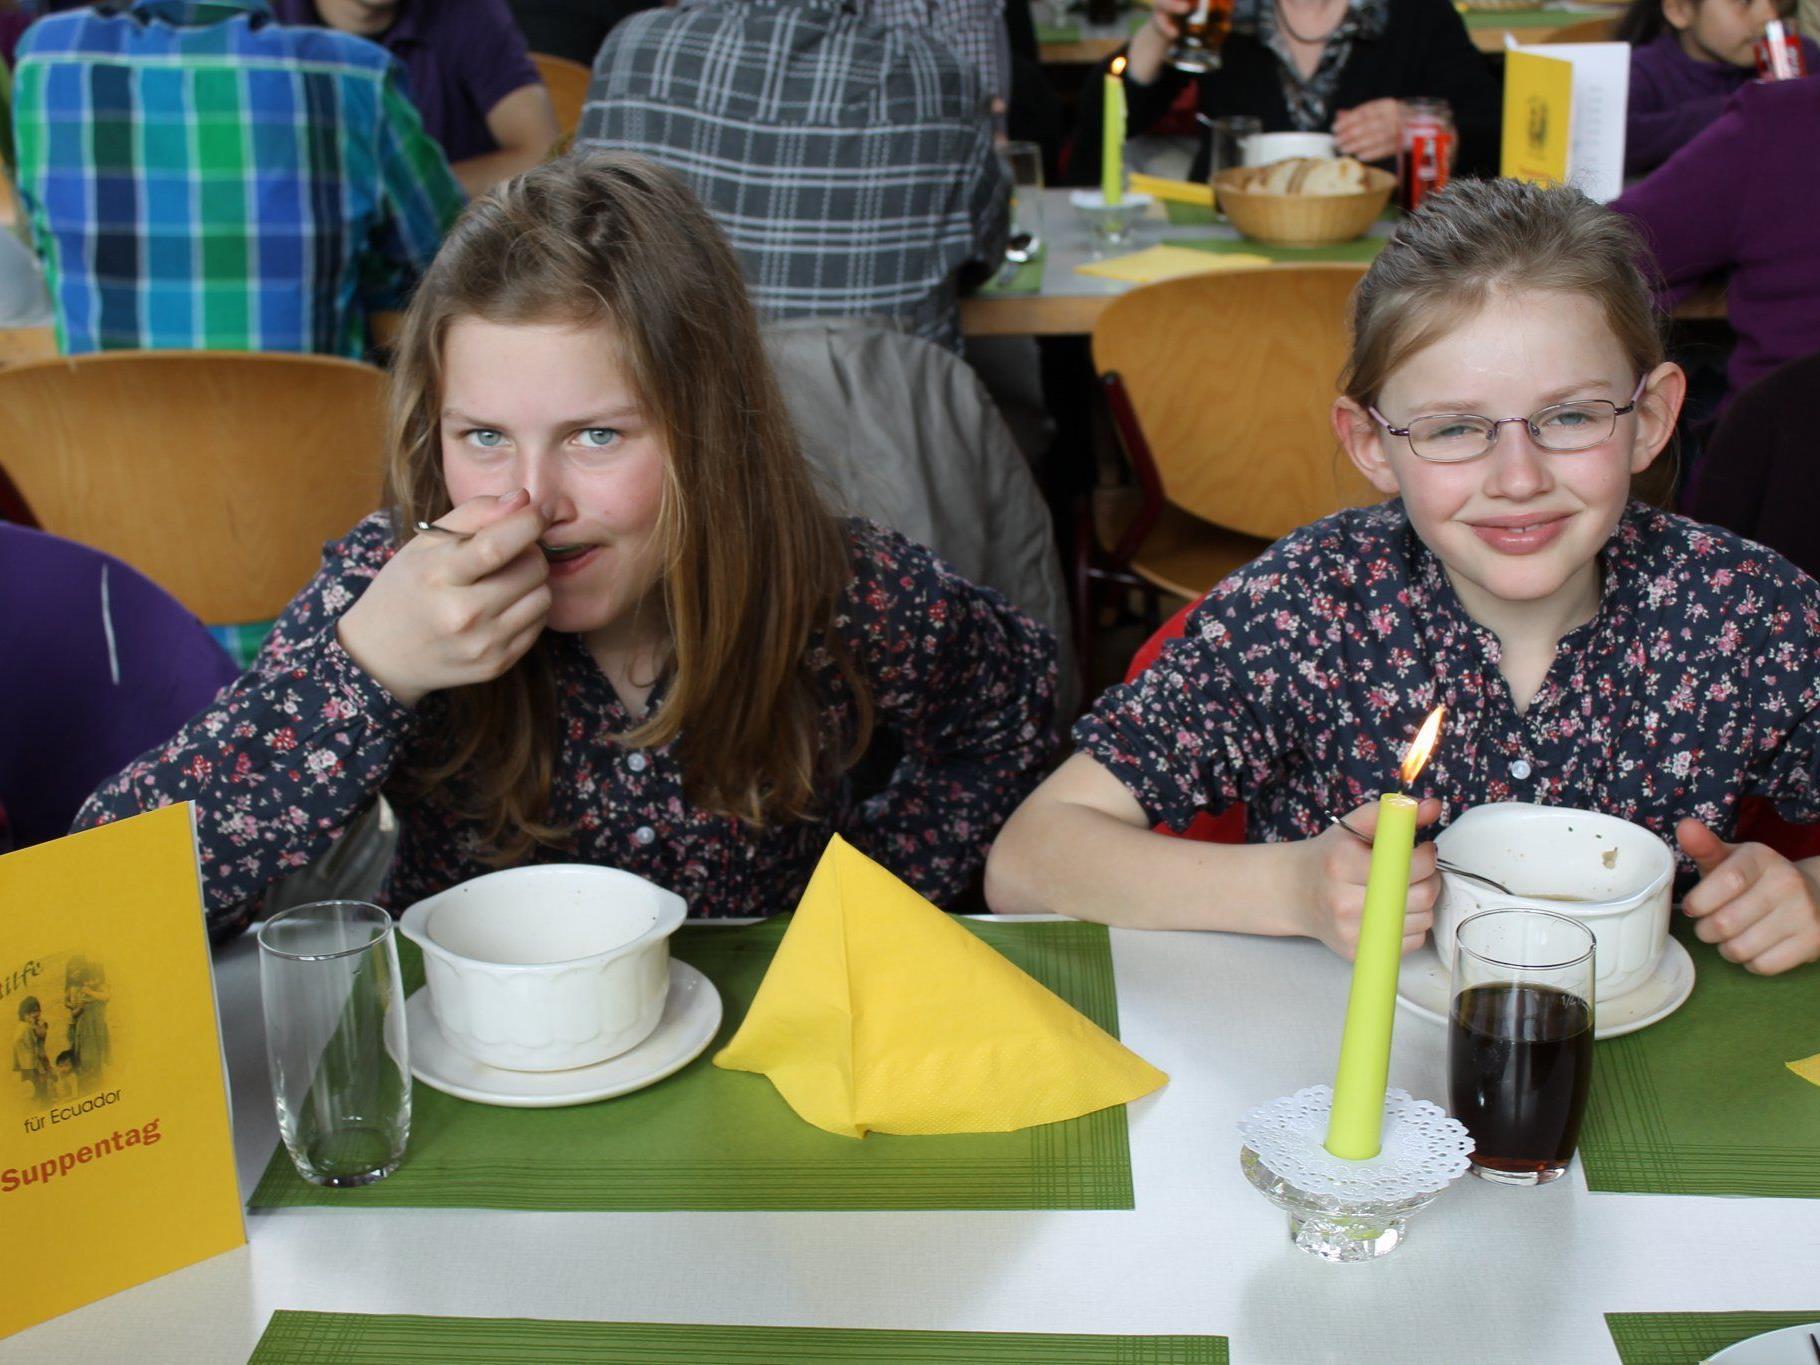 Suppen für einen guten Zweck konsumierten Jung und Alt